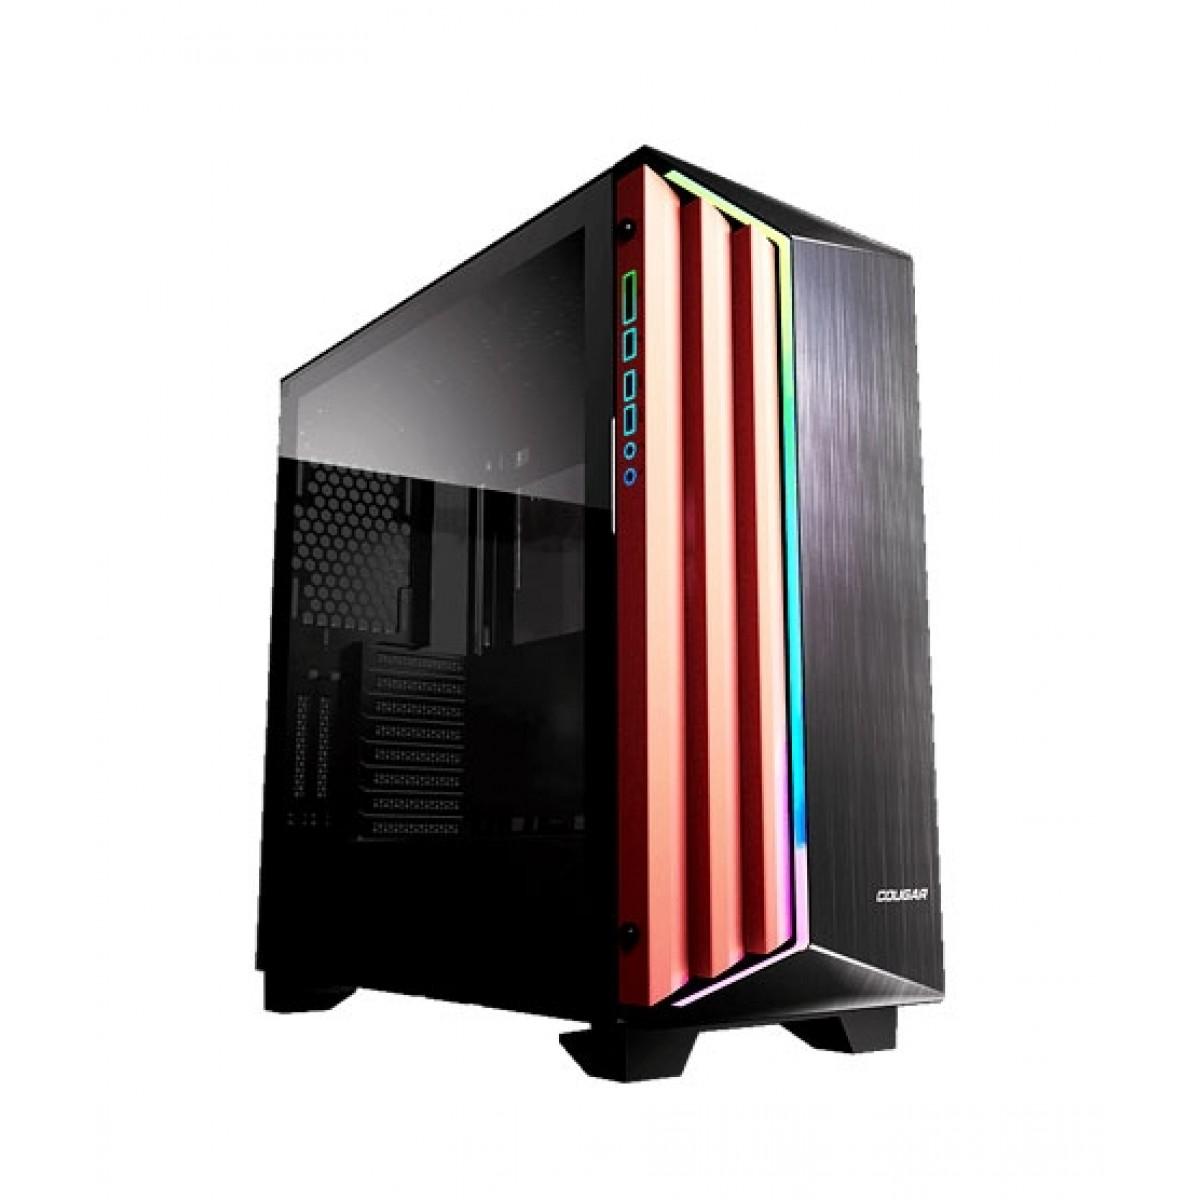 Cougar Dark BladerS Full Tower Gaming CPU